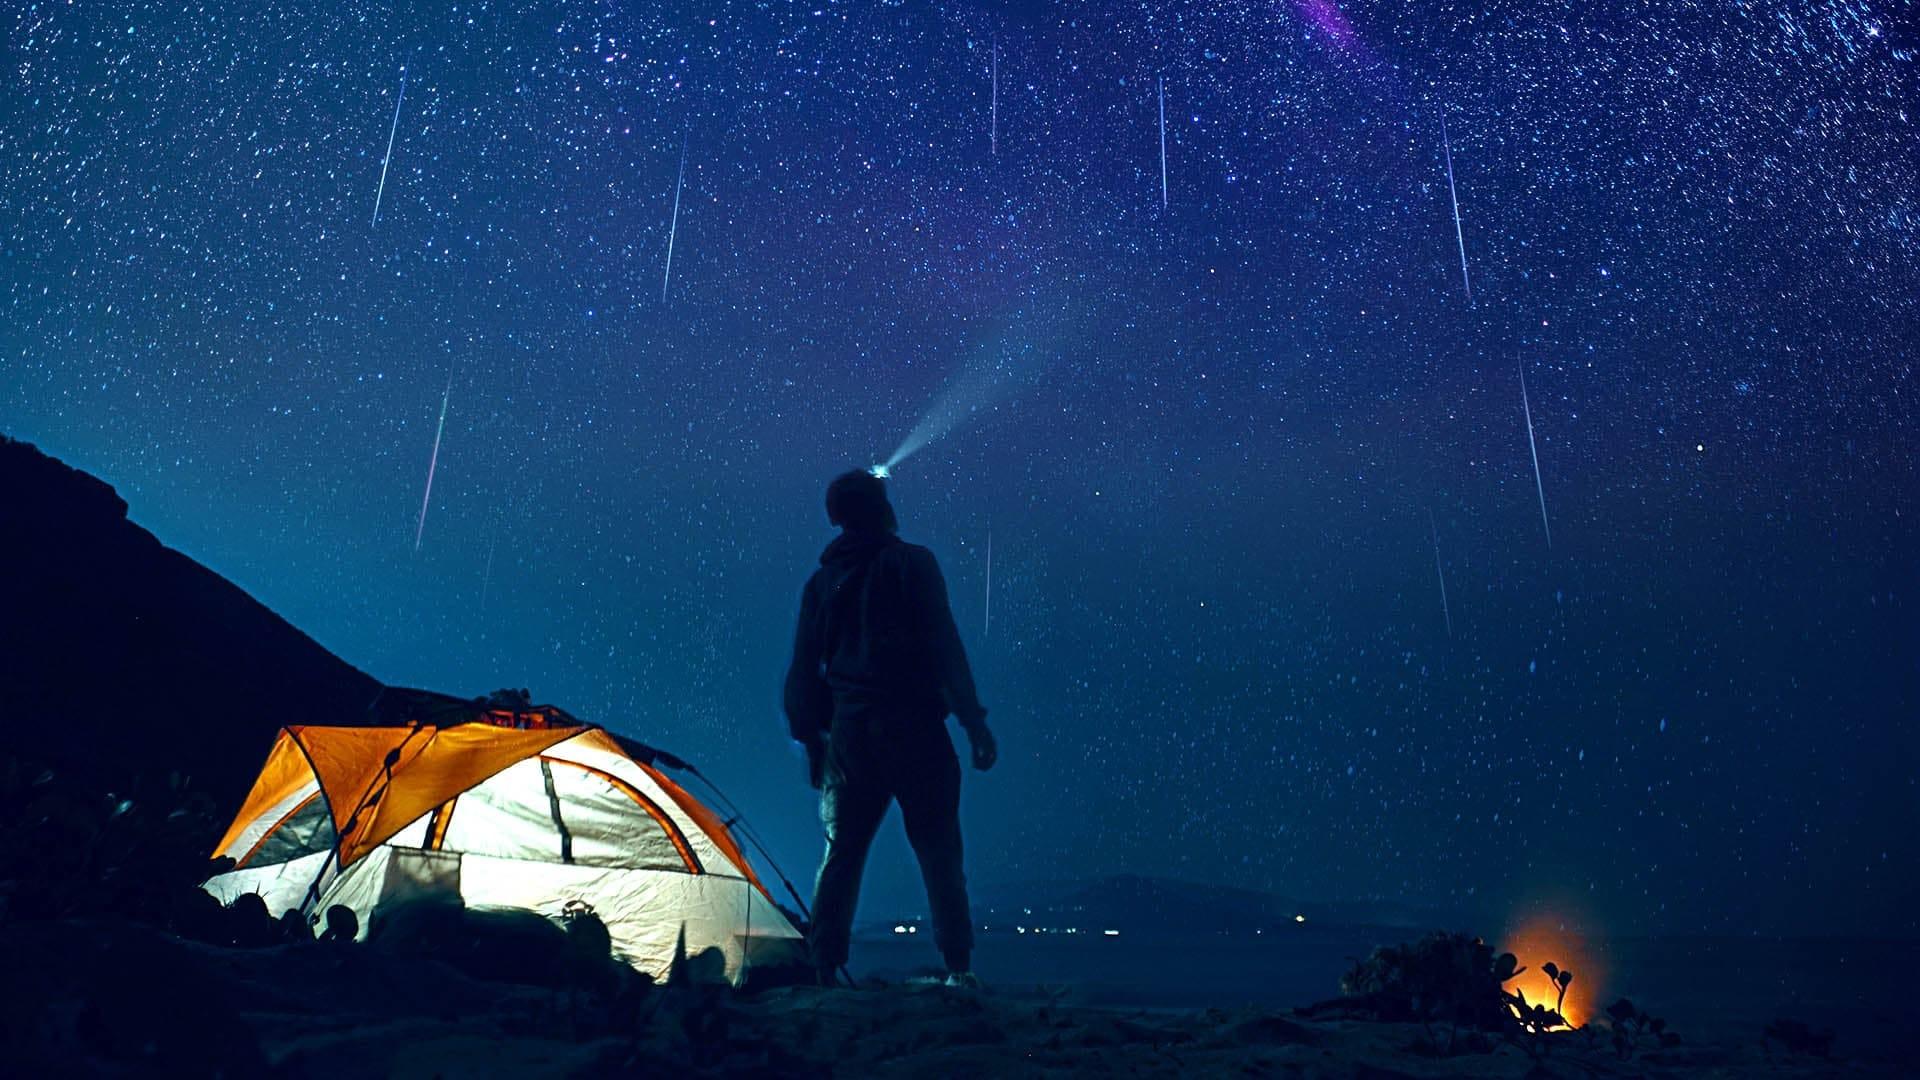 觀看流星雨的提示